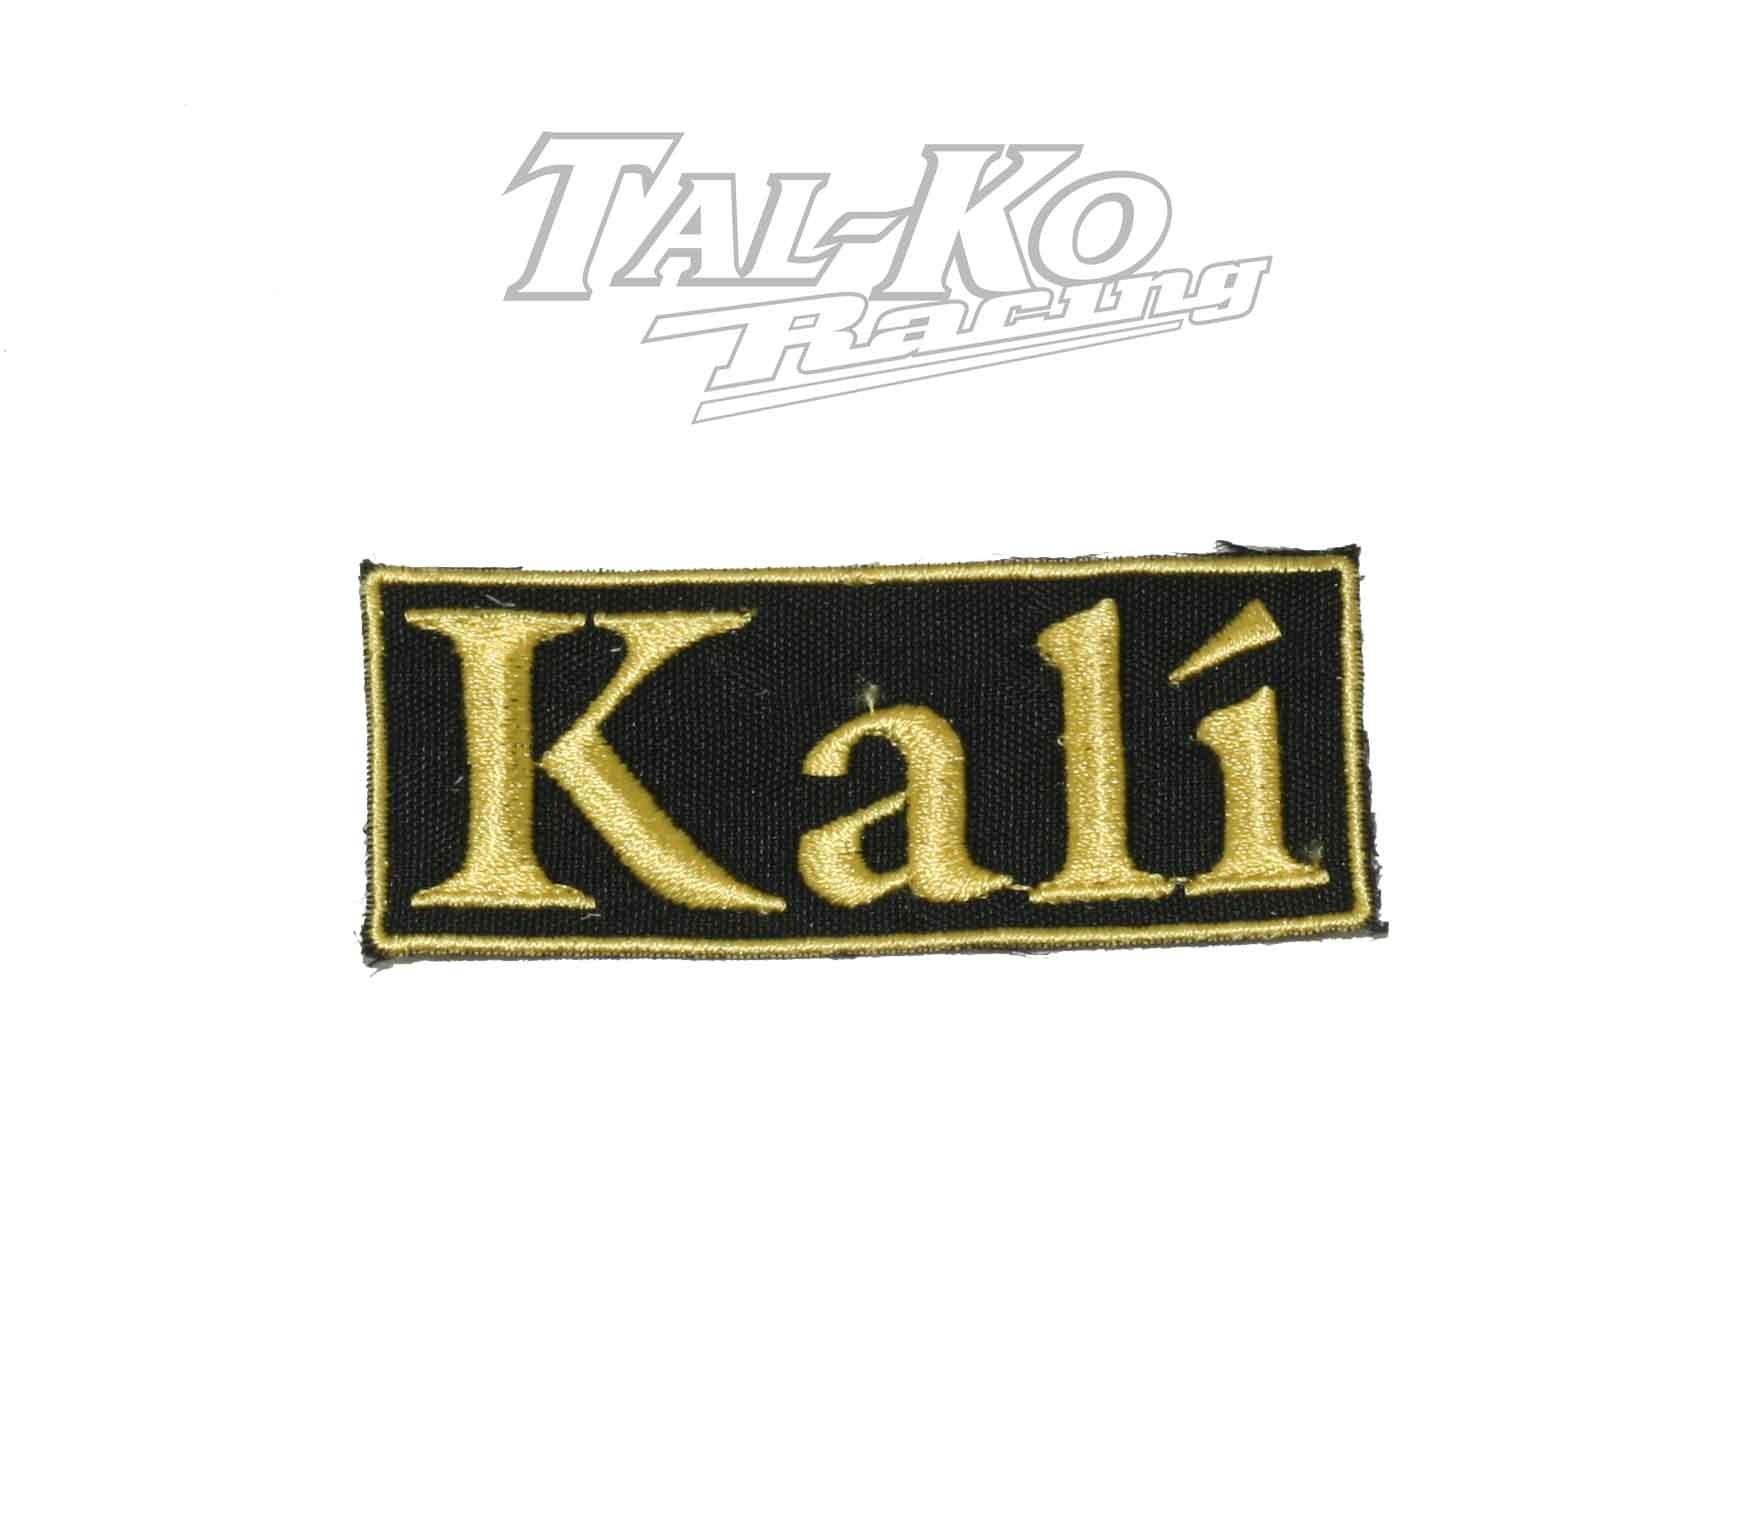 CRG KALI CLOTH RACE SUIT BADGE 77 x 32